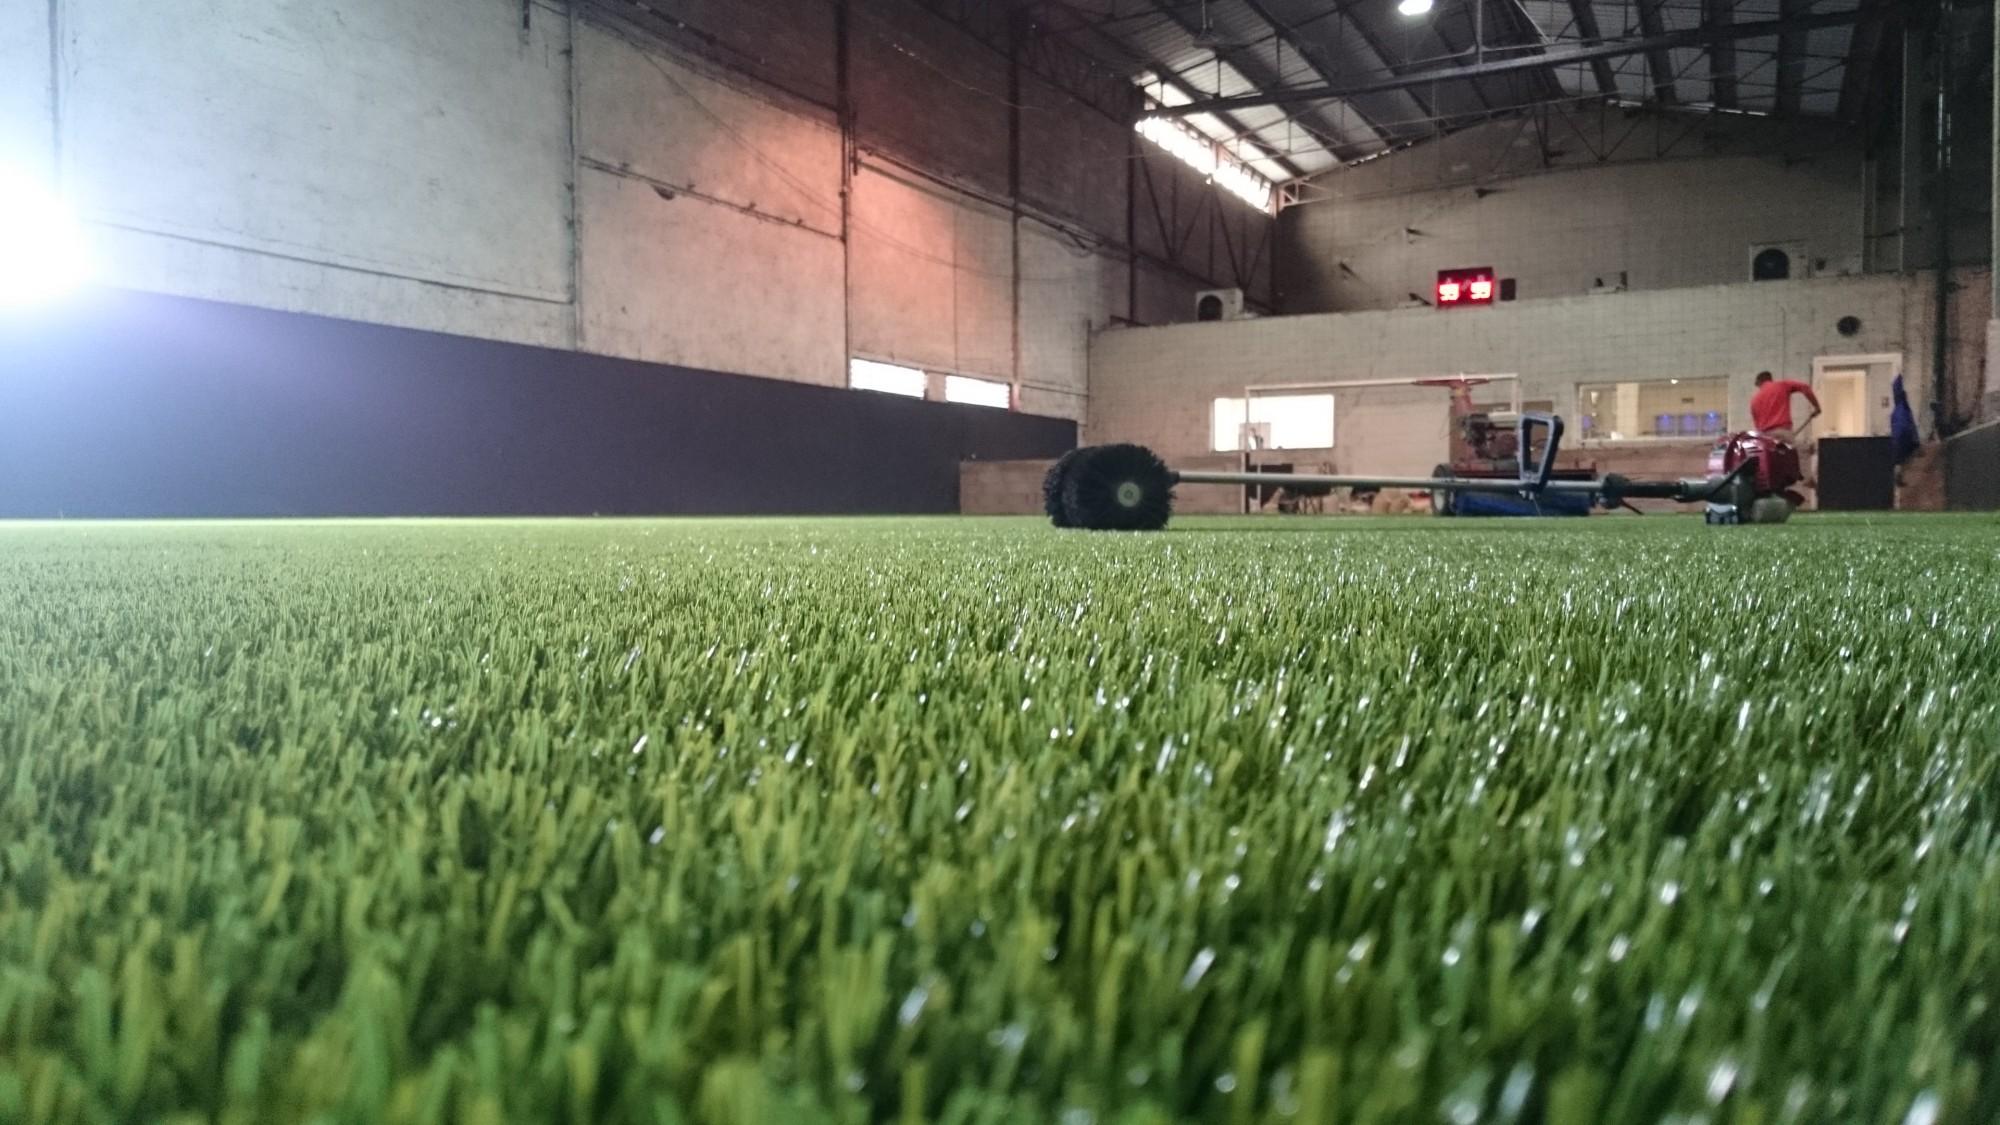 pose de gazon synthétique pour foot indoor à Marseille